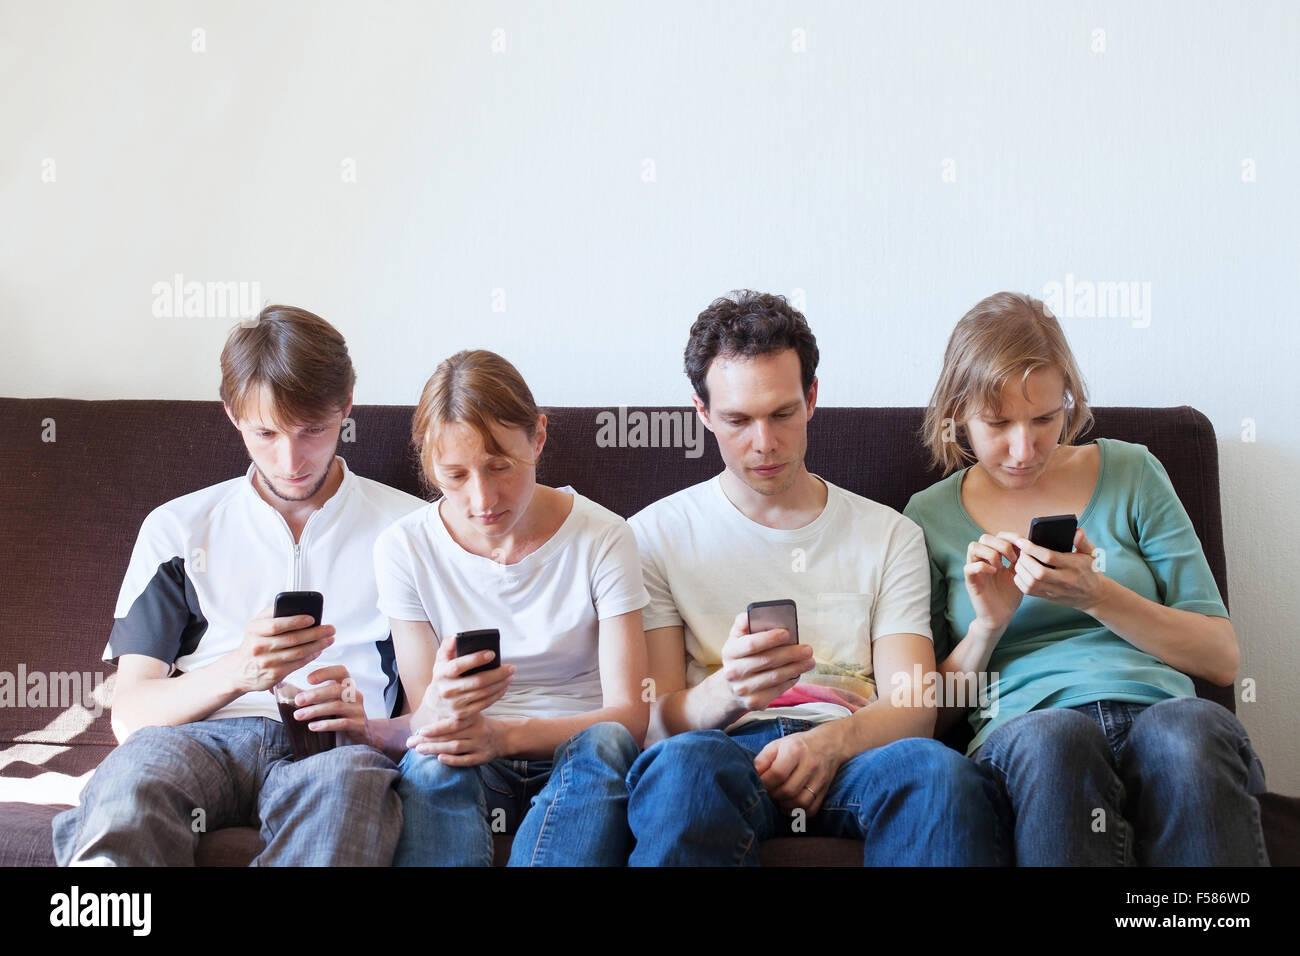 La dipendenza da internet, gruppo di giovani guardando i loro smart phone Immagini Stock